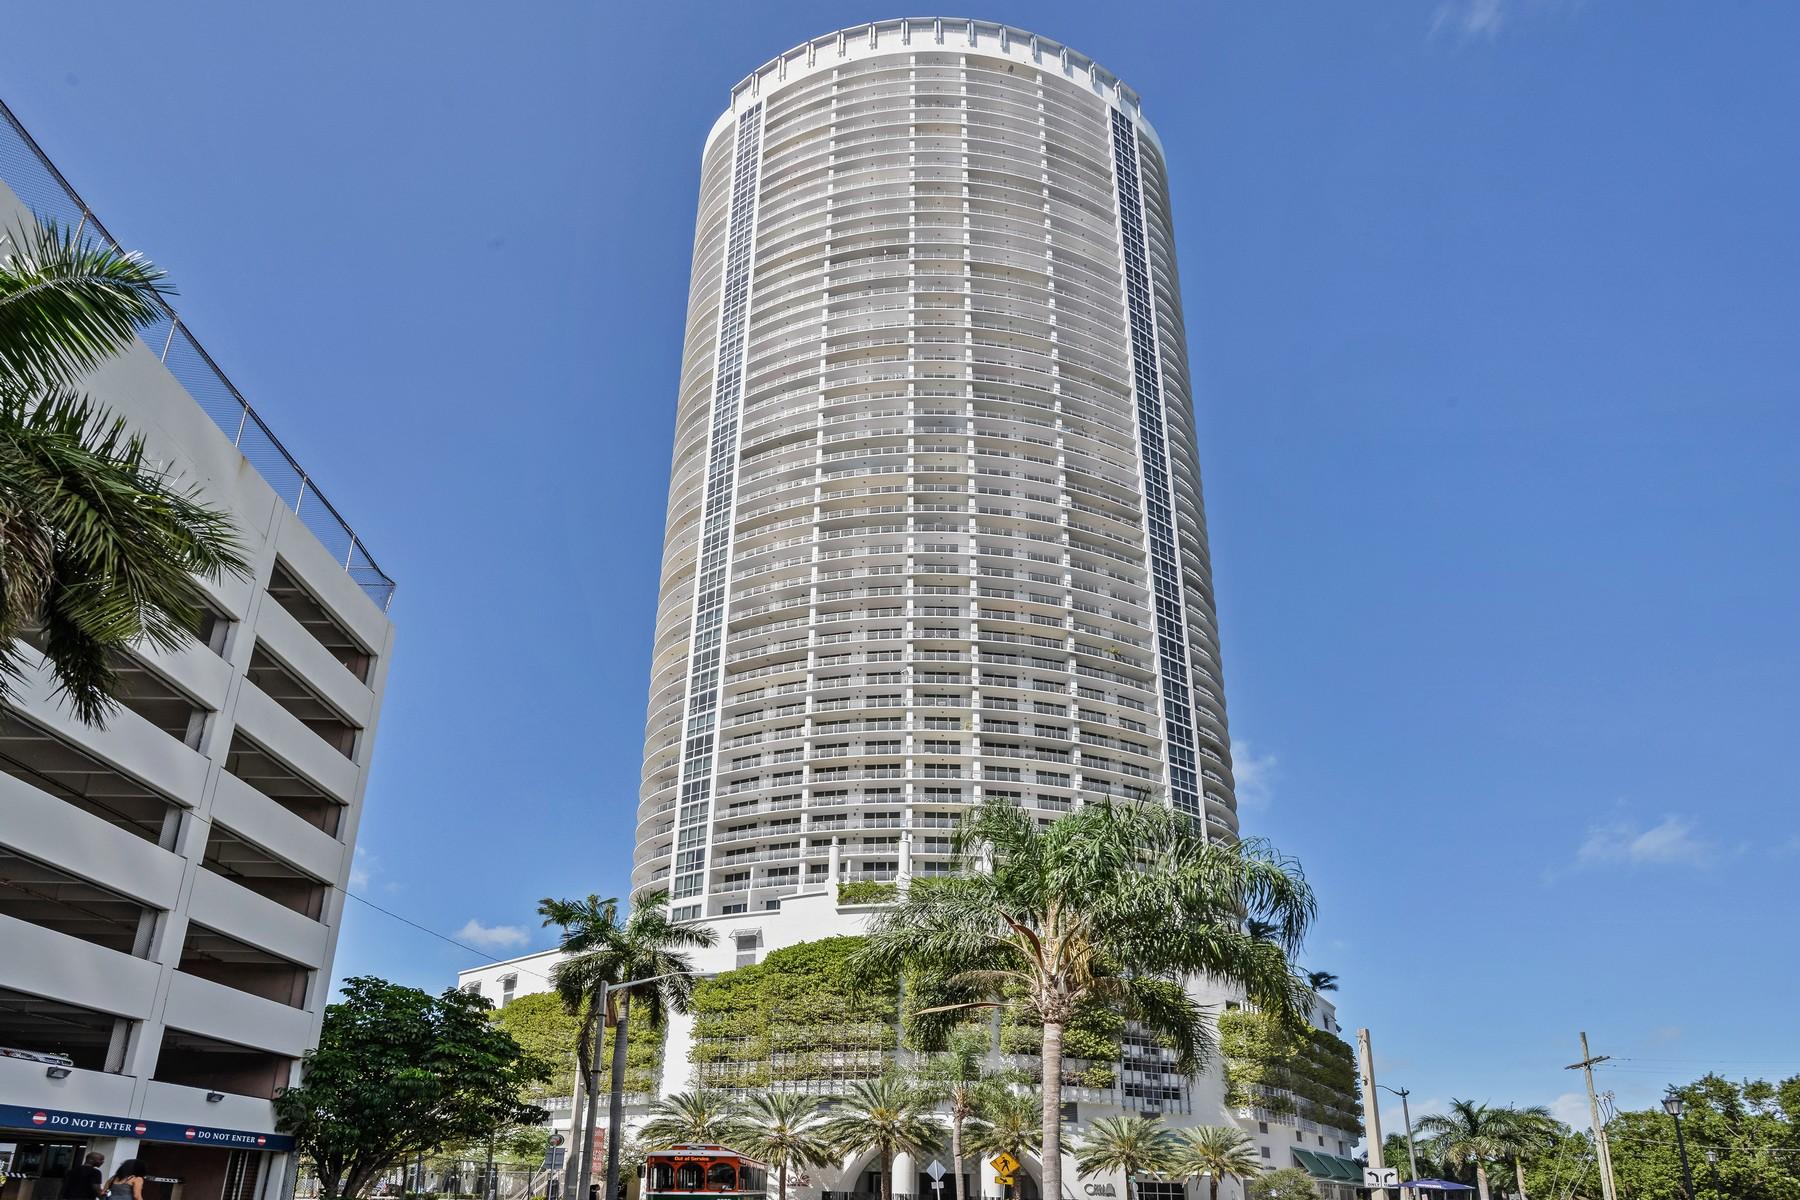 Eigentumswohnung für Verkauf beim Opera Tower Condo 1750 N Bayshore Dr # 2406 Miami, Florida 33132 Vereinigte Staaten